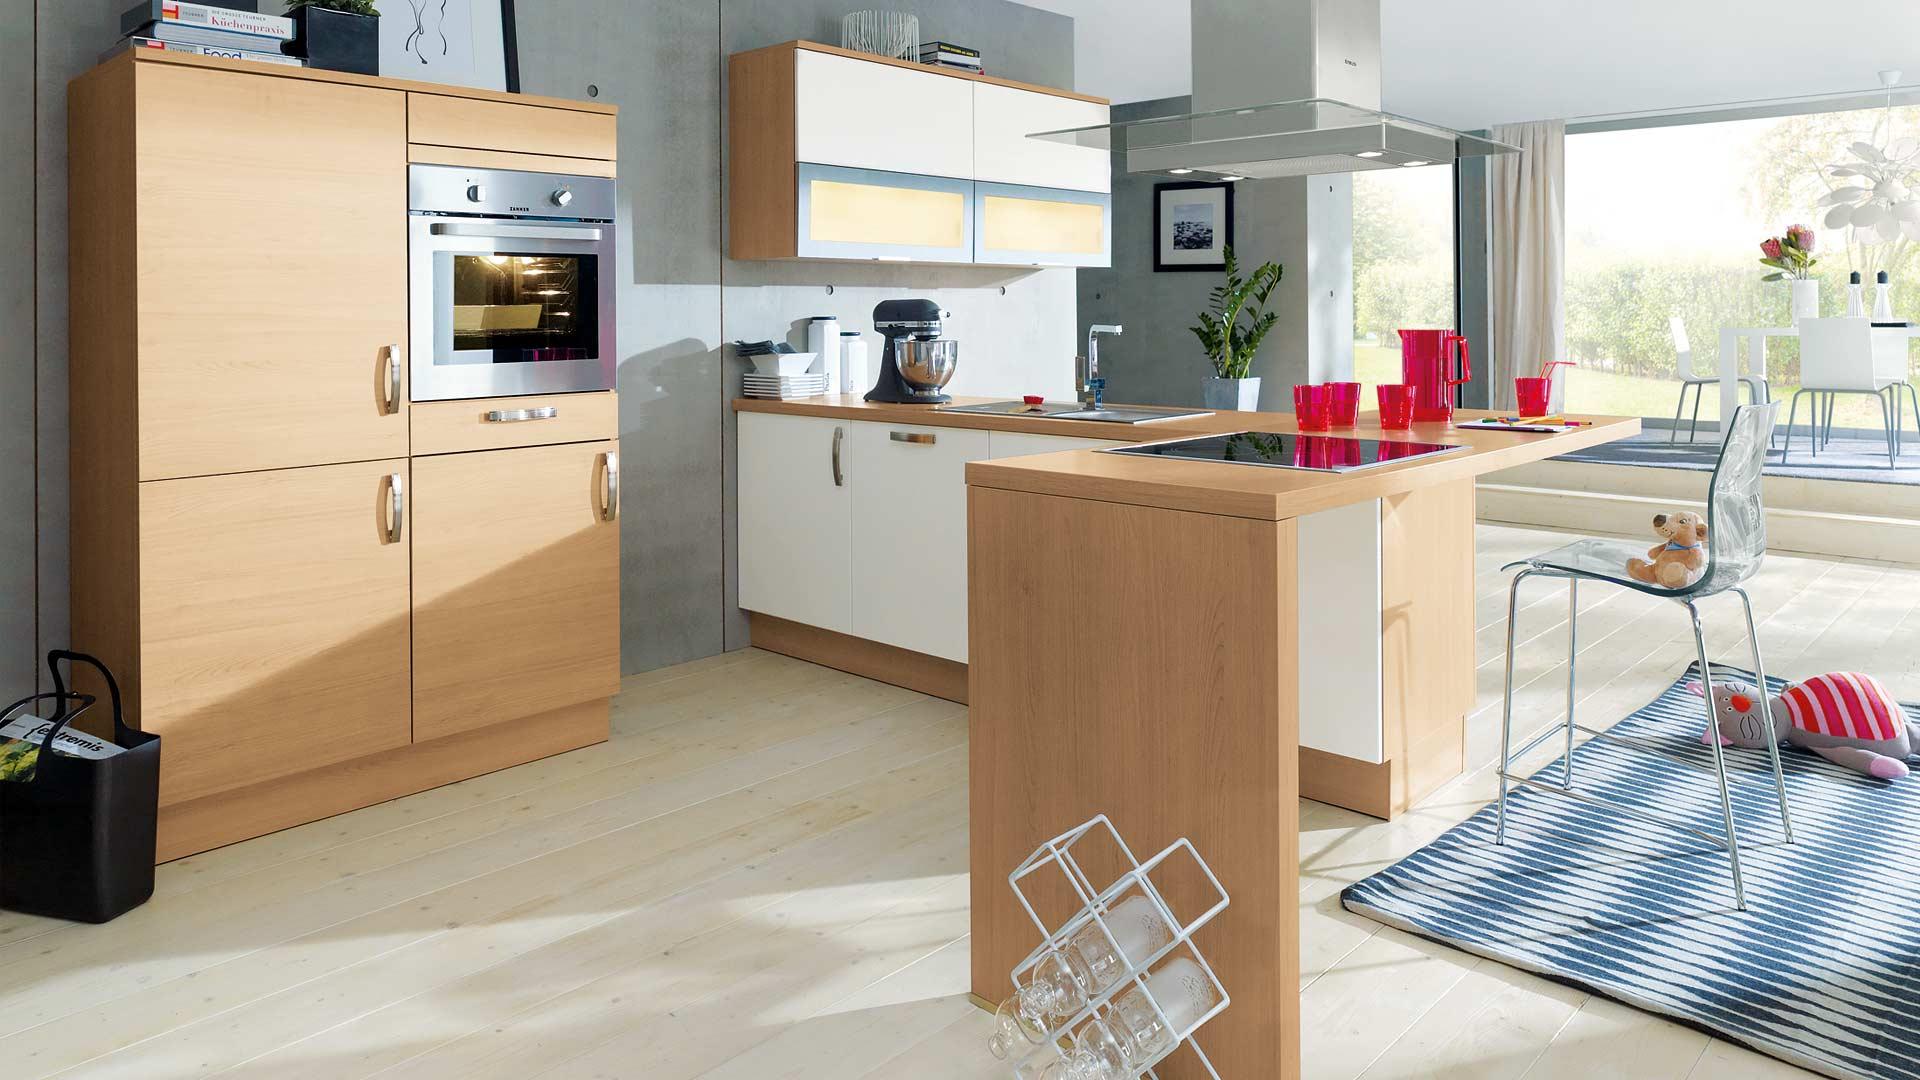 Küchen Emden global küchen 51120 51110 in norden ot neustadt nahe emden